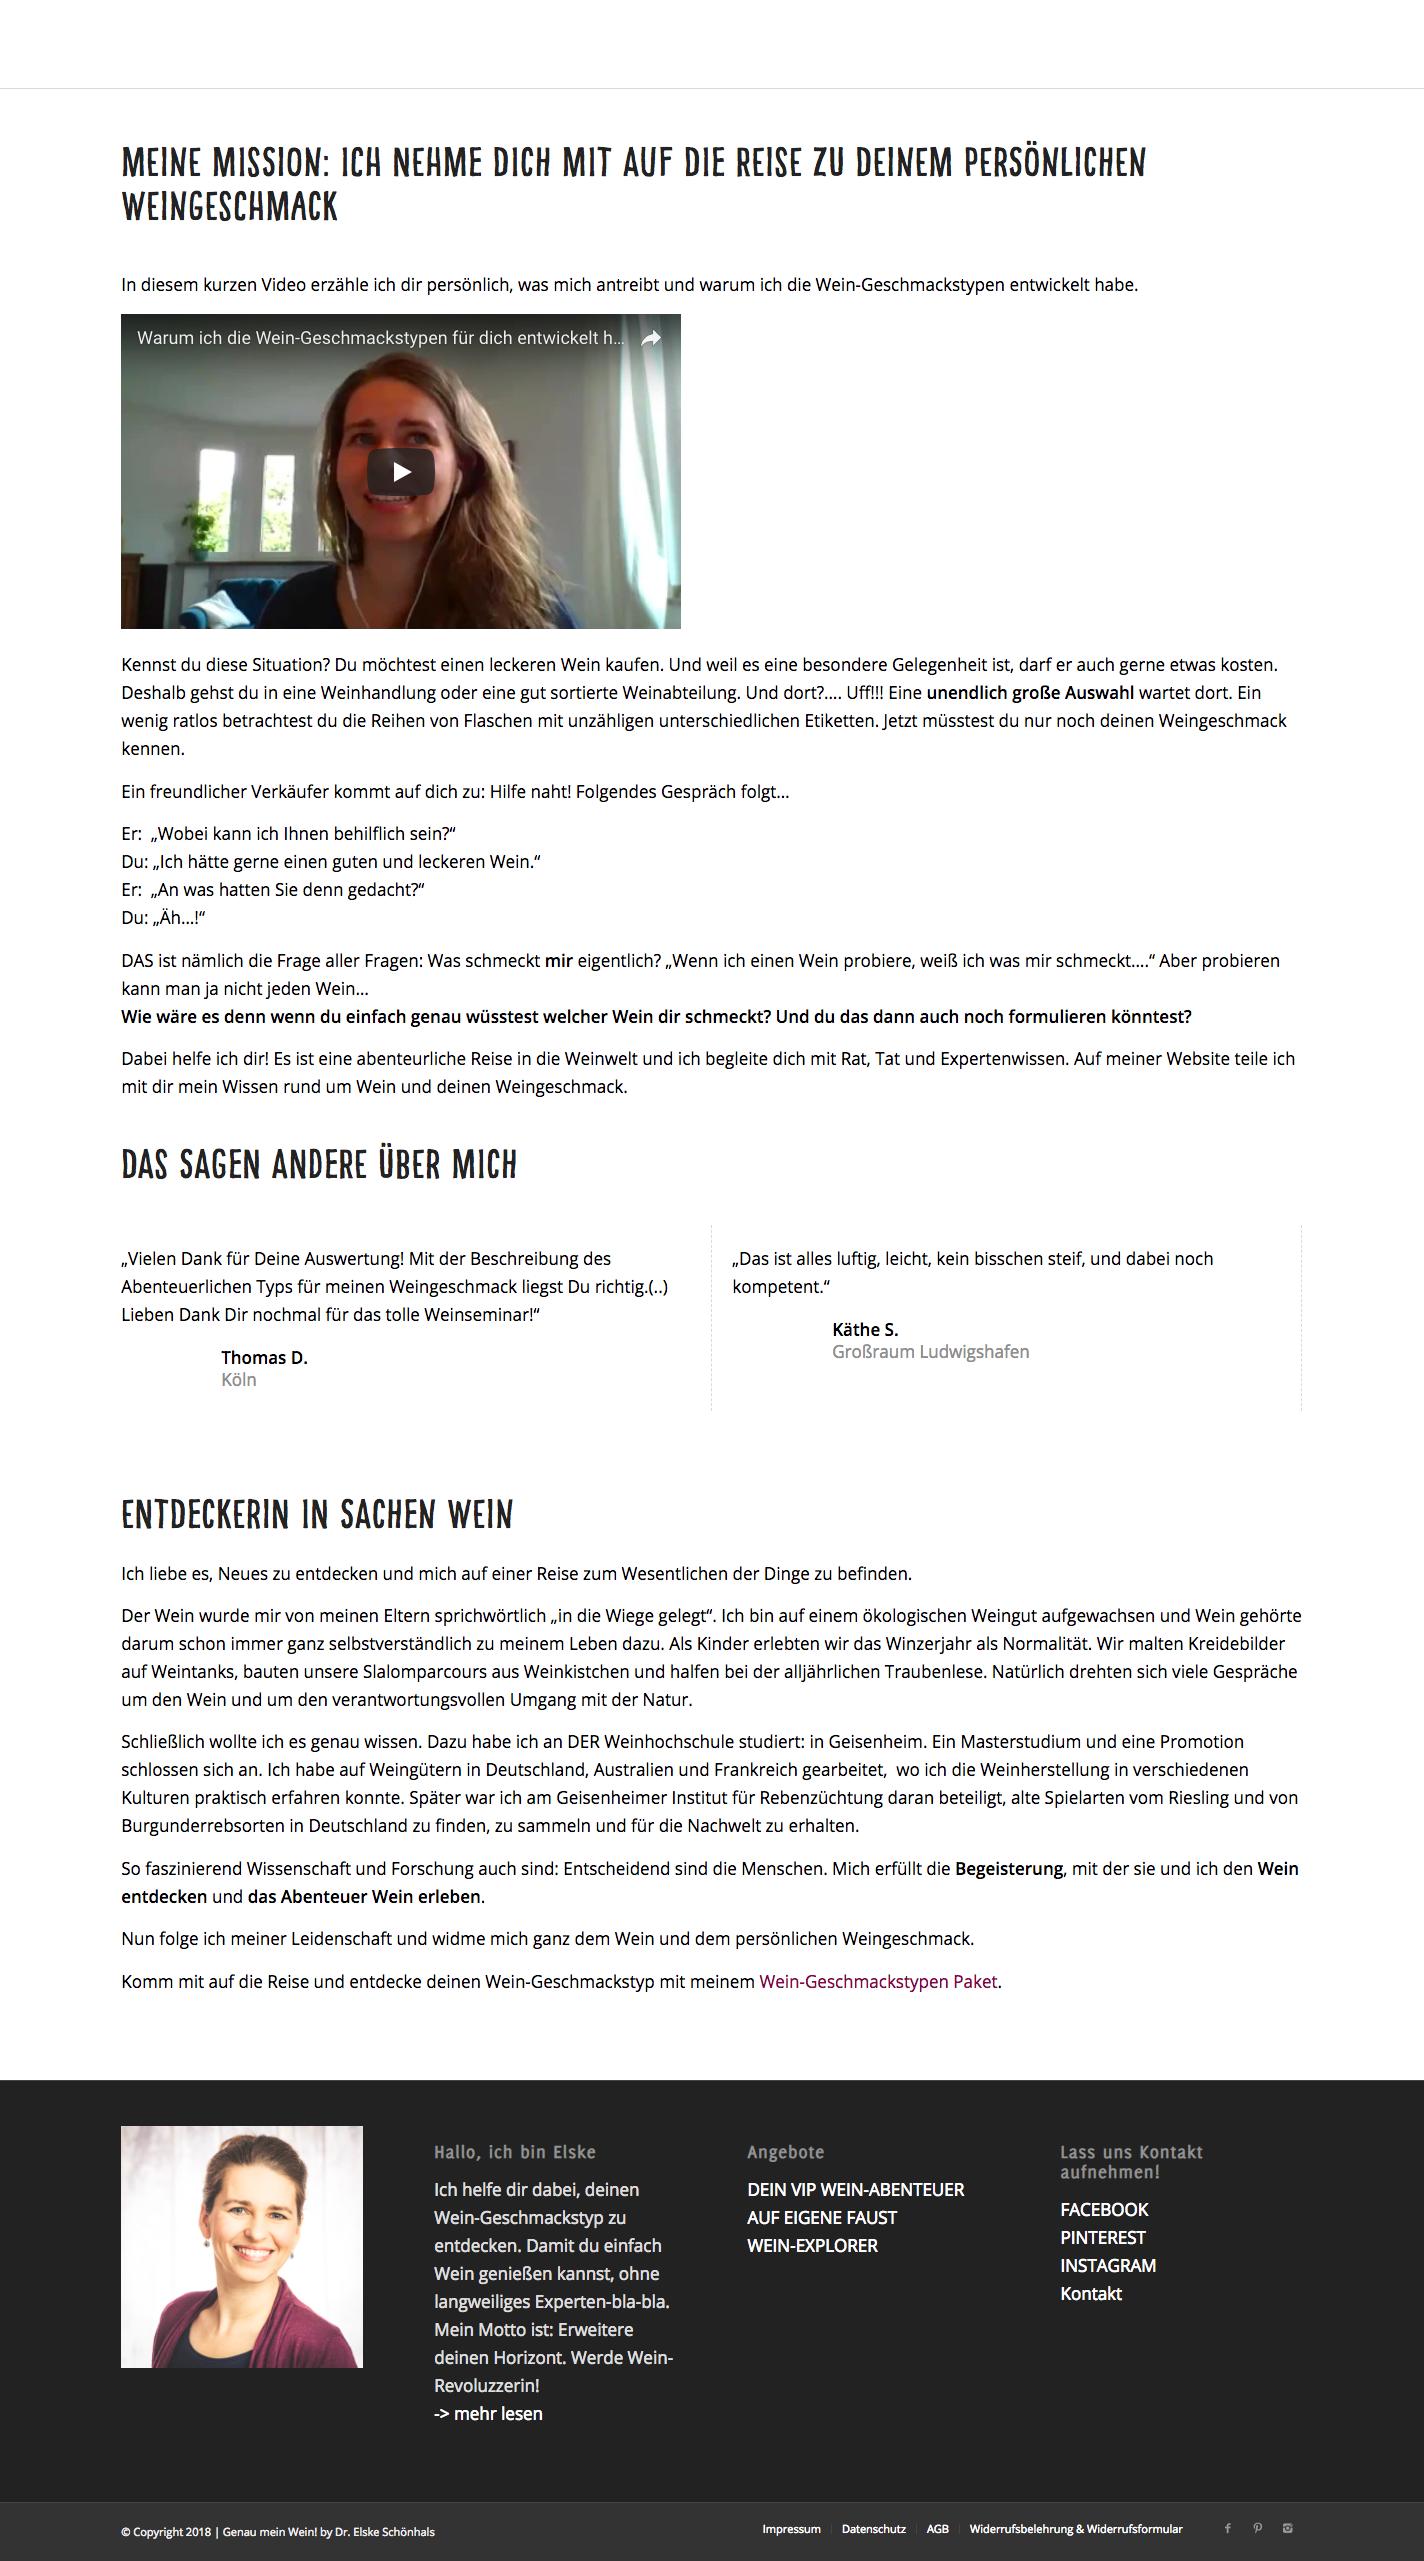 Teamstreber Webdesign Darmstadt Frankfurt Und Mainz Teamstreber Streber Mainz Web Design